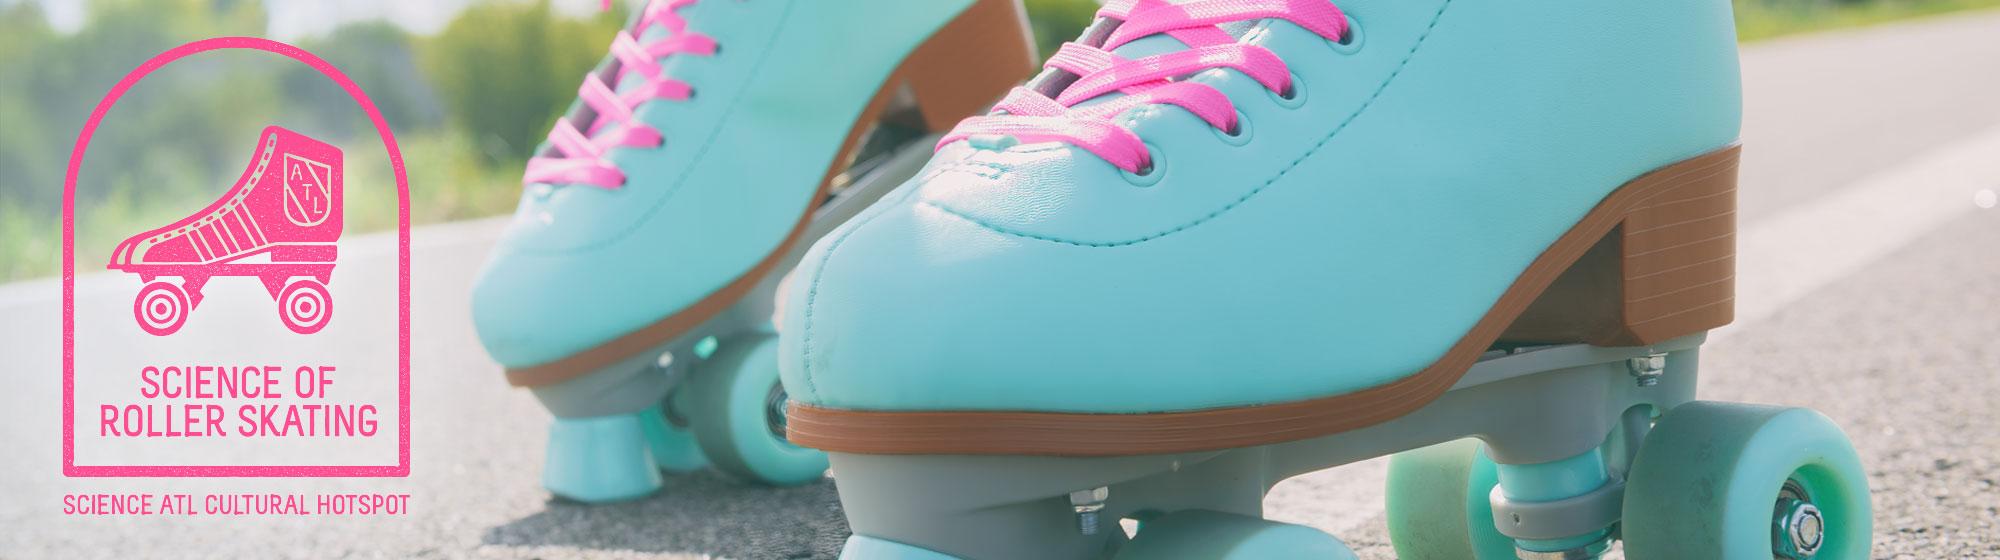 Science of Roller Skating | Science ATL Cultural Hotspot